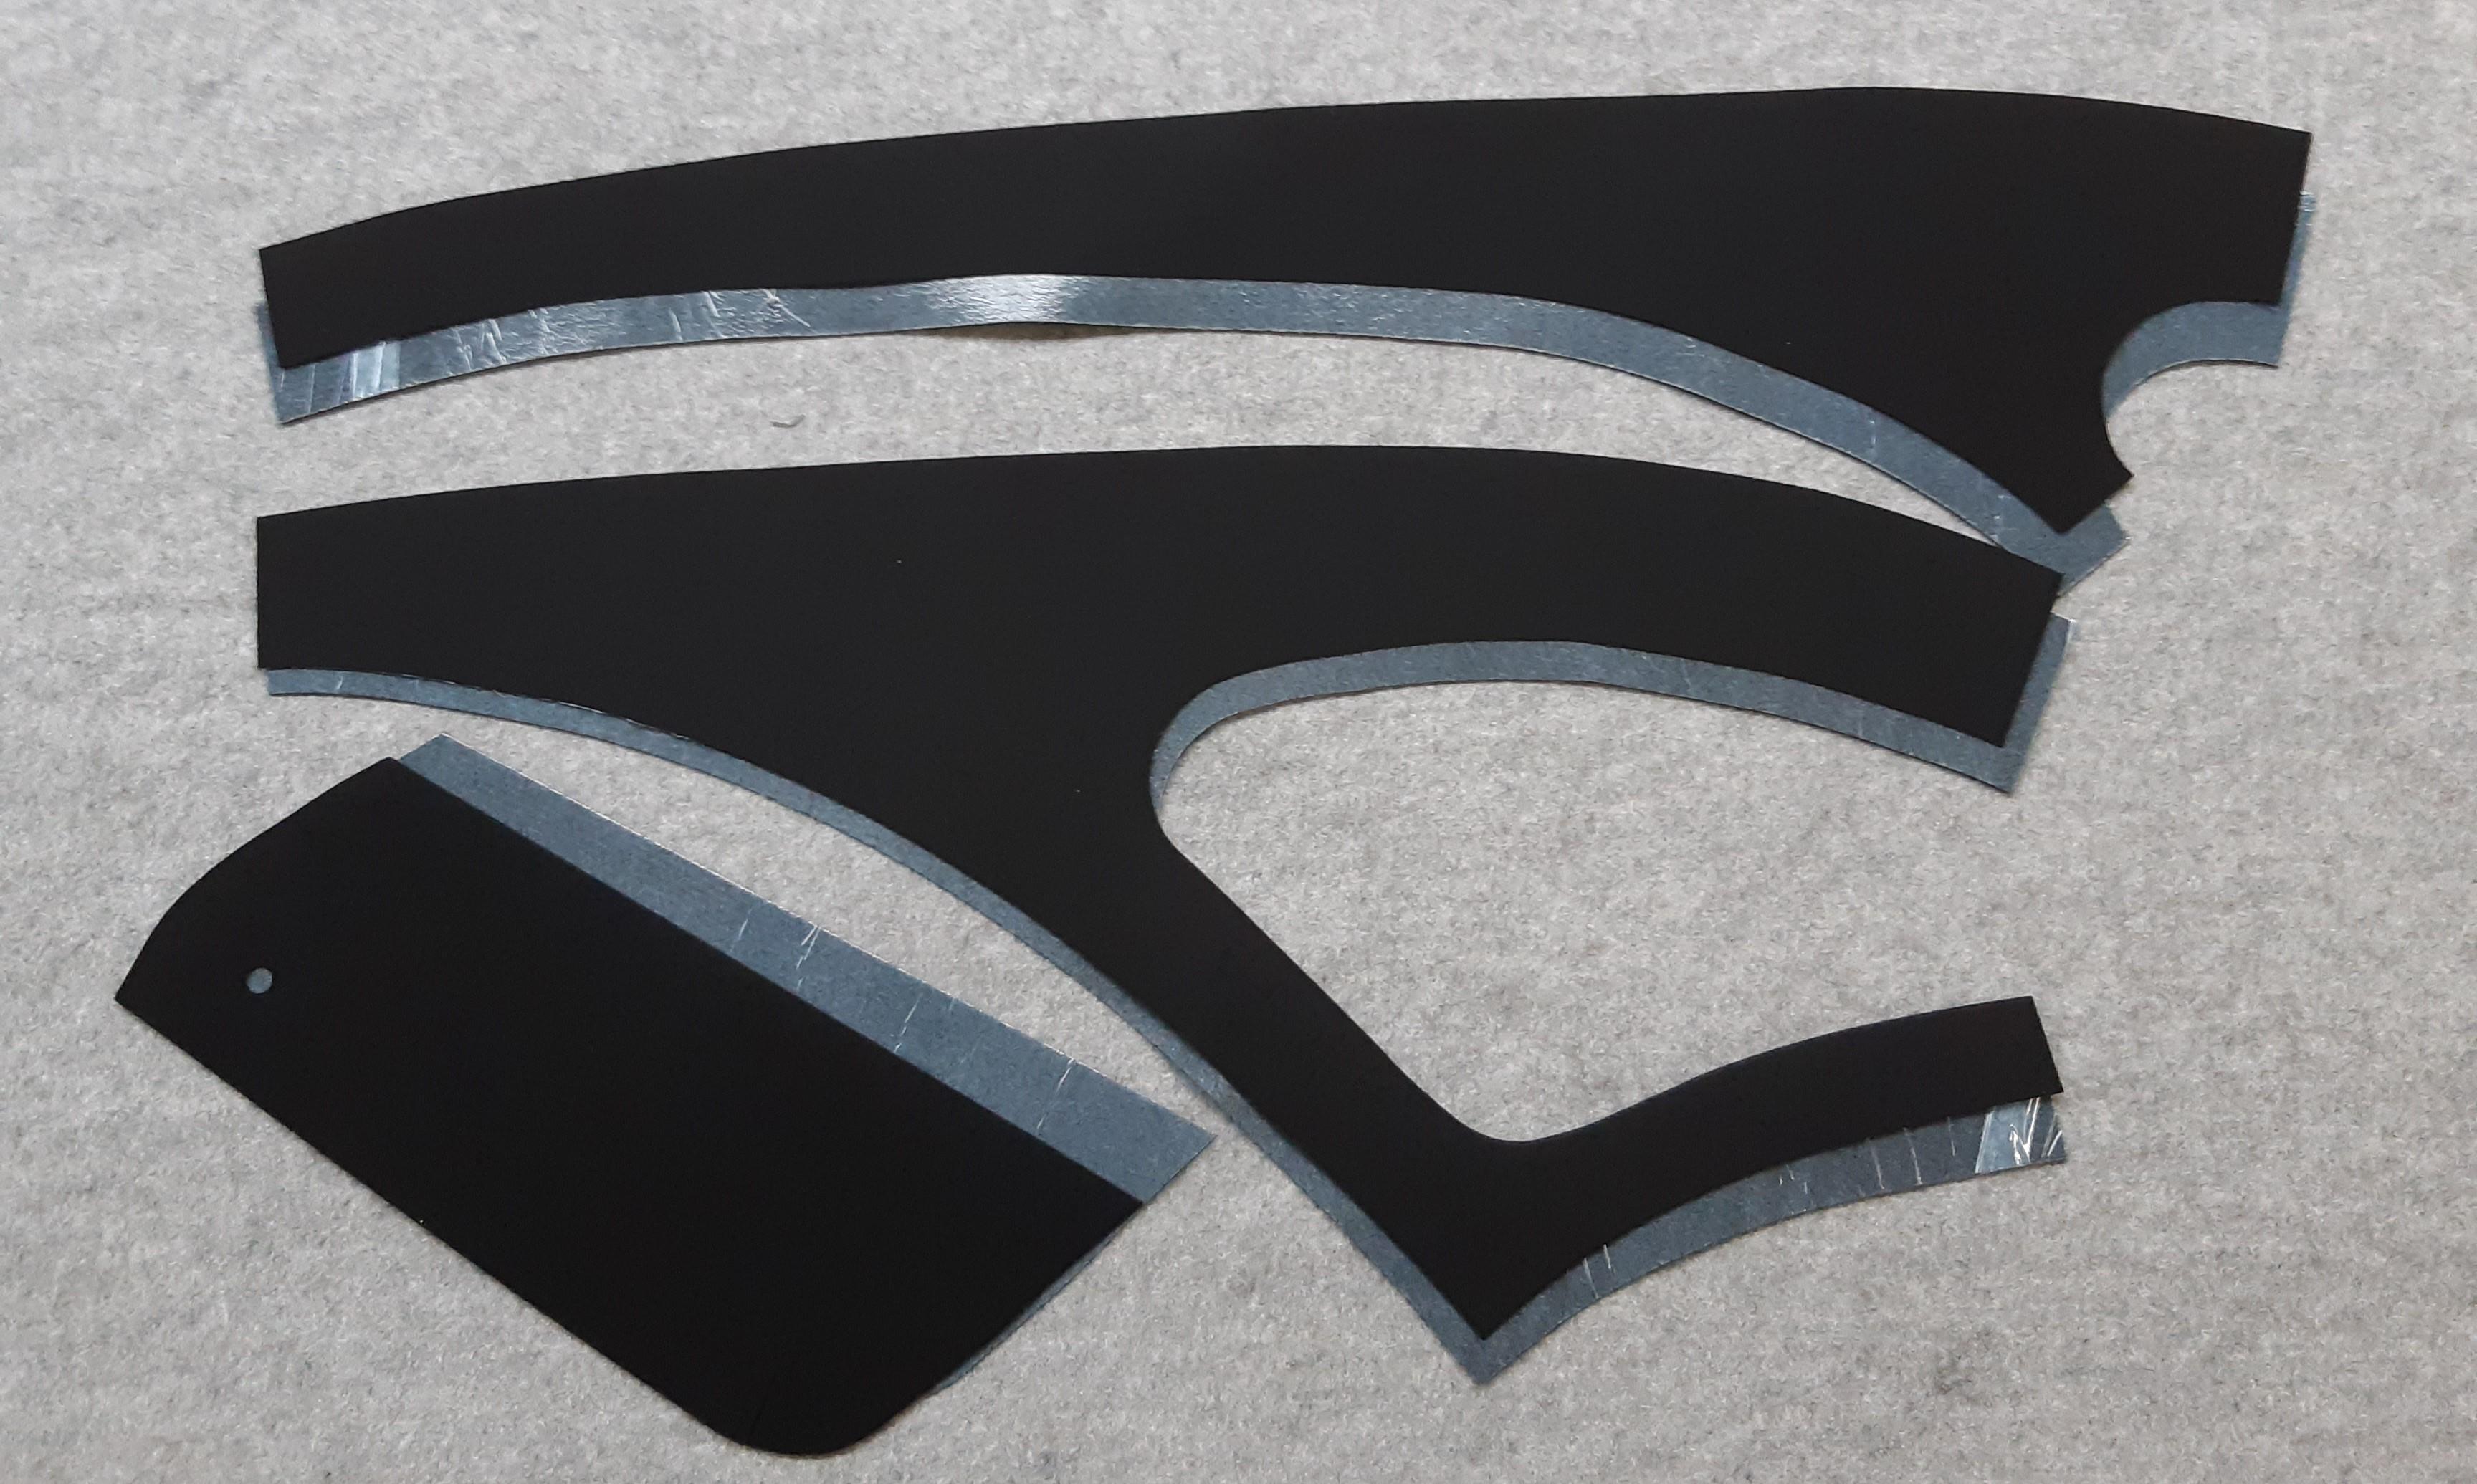 Seitenverkleidung Innen für 2CV aus schwarzem Nadelvlies selbstklebend